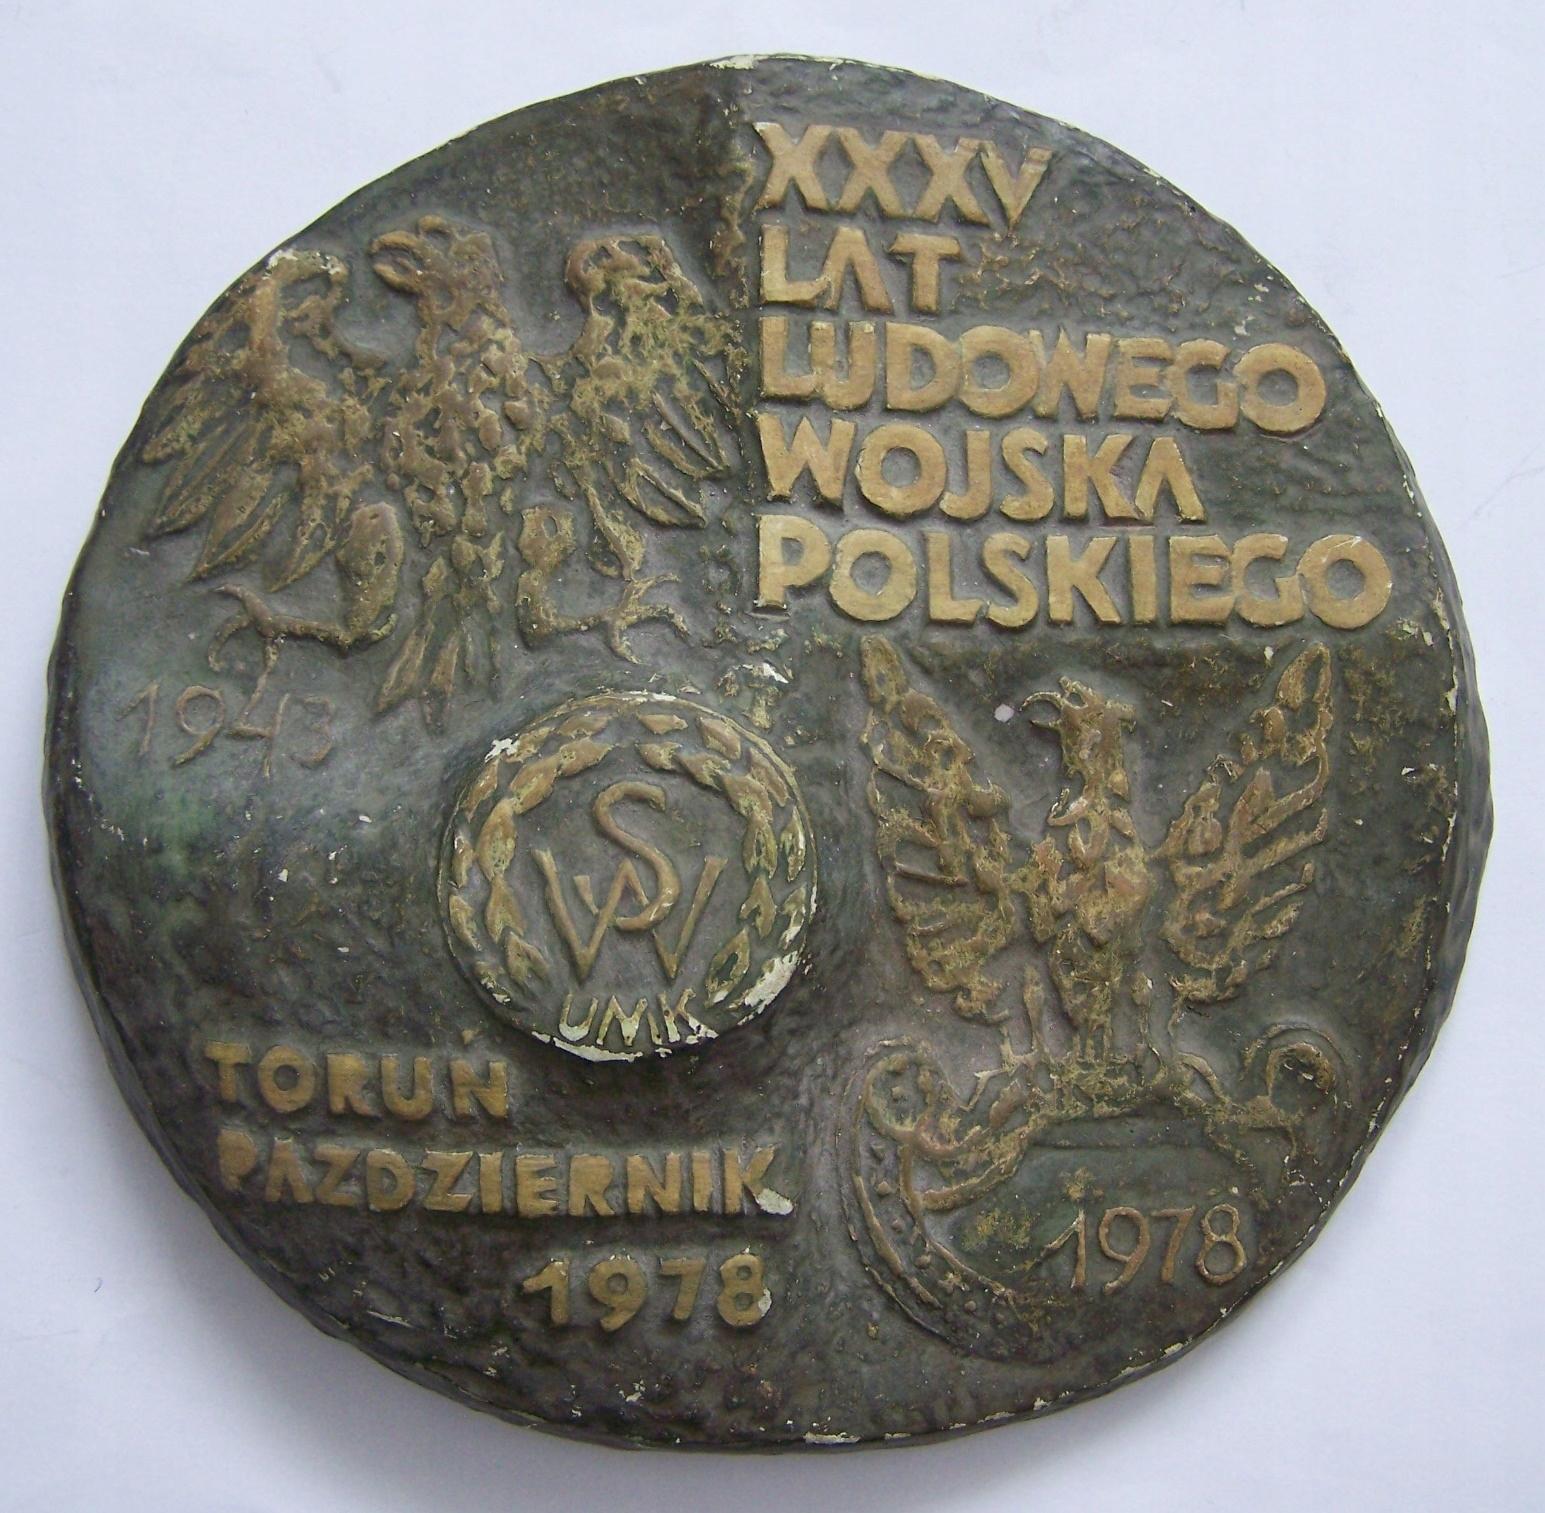 Plakieta/medal XXXV lat LWP 1978 sygn.W.Graszk